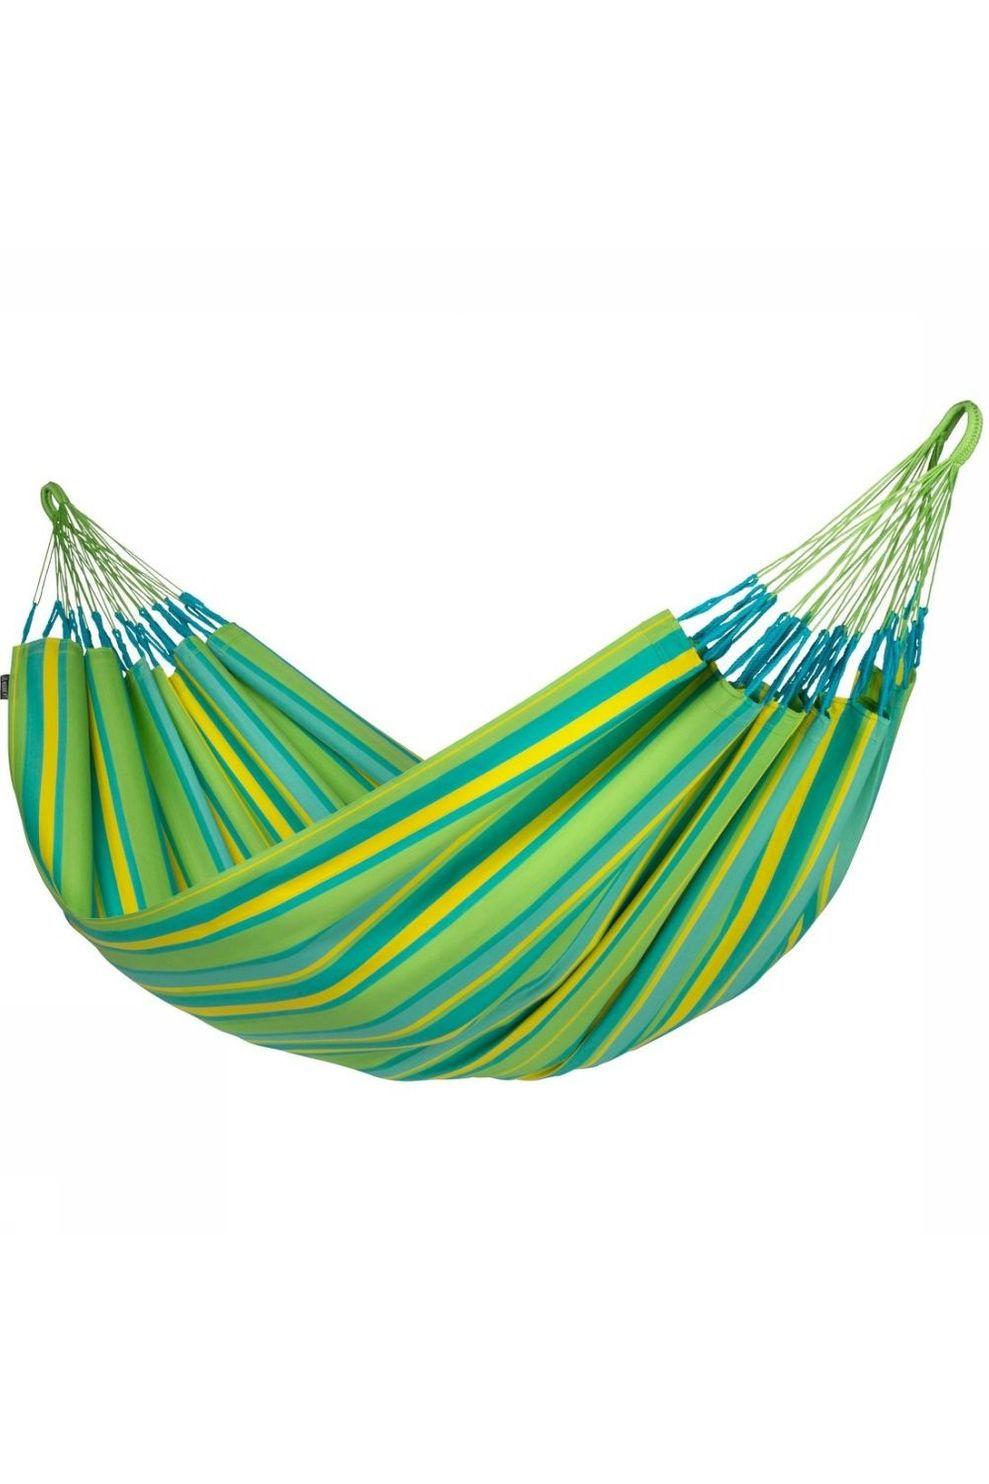 La Siesta Hangmat Brisa Double - Limoen Groen/Geel